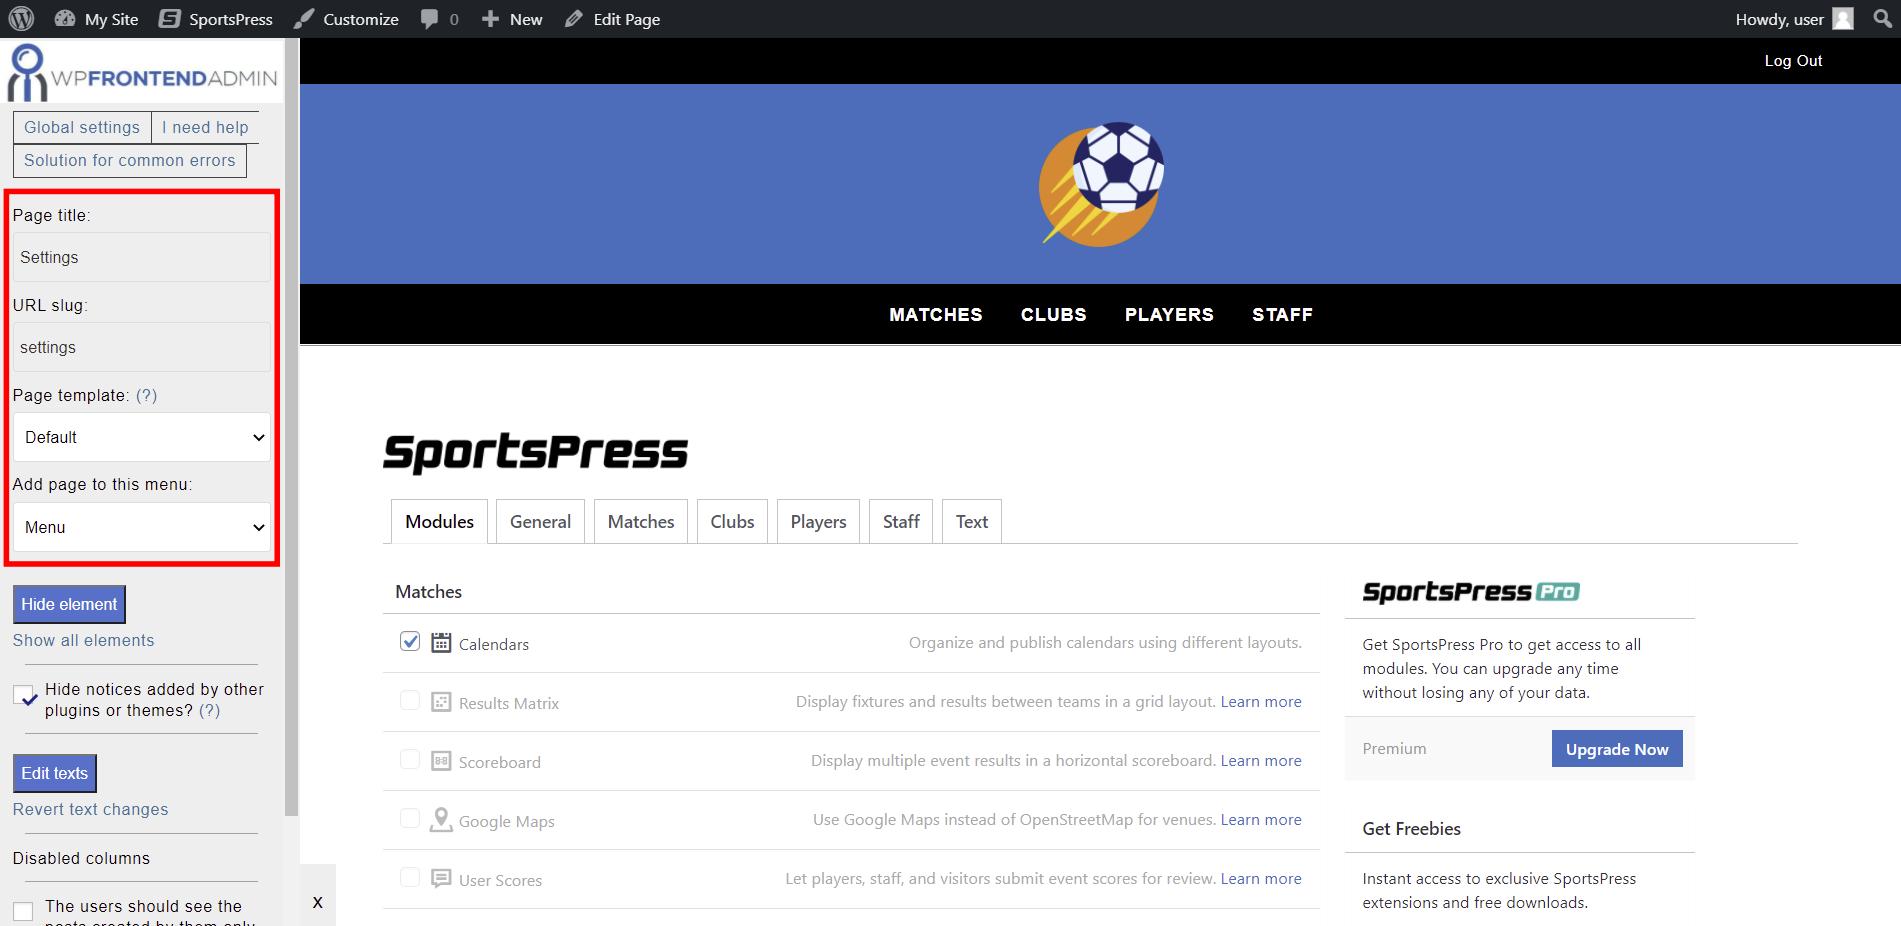 sportspress settings frontend